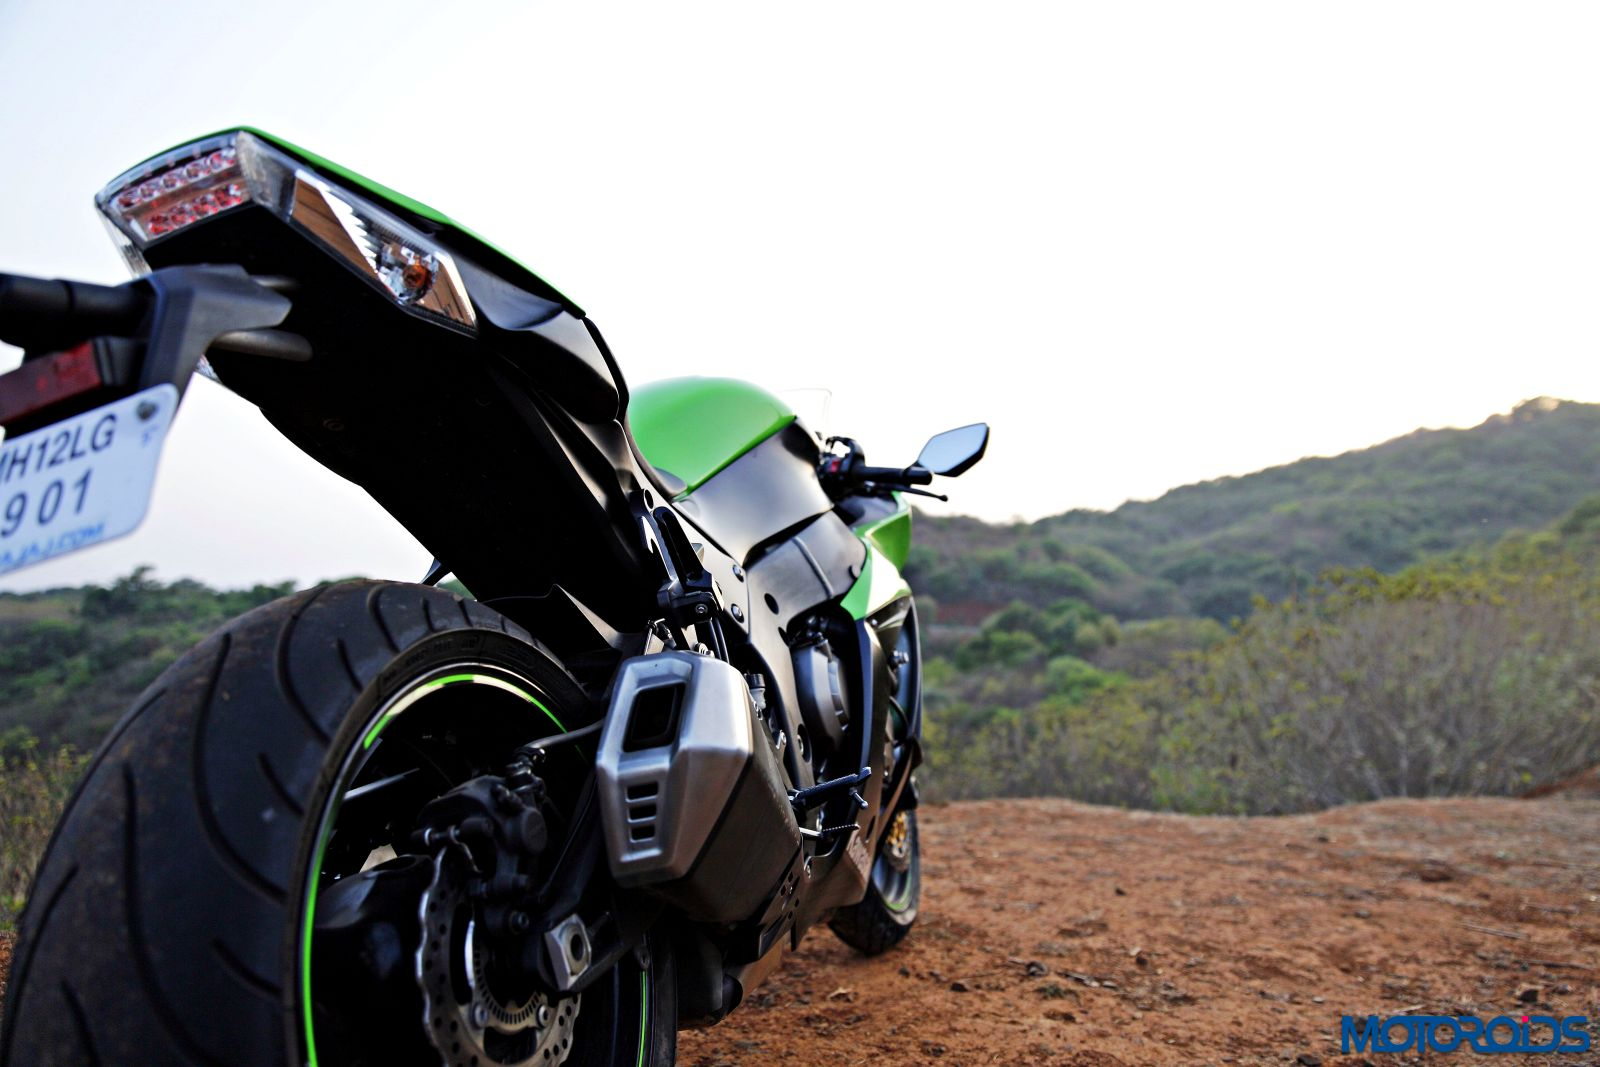 Kawasaki Ninja ZX-14R-rear-view (5)